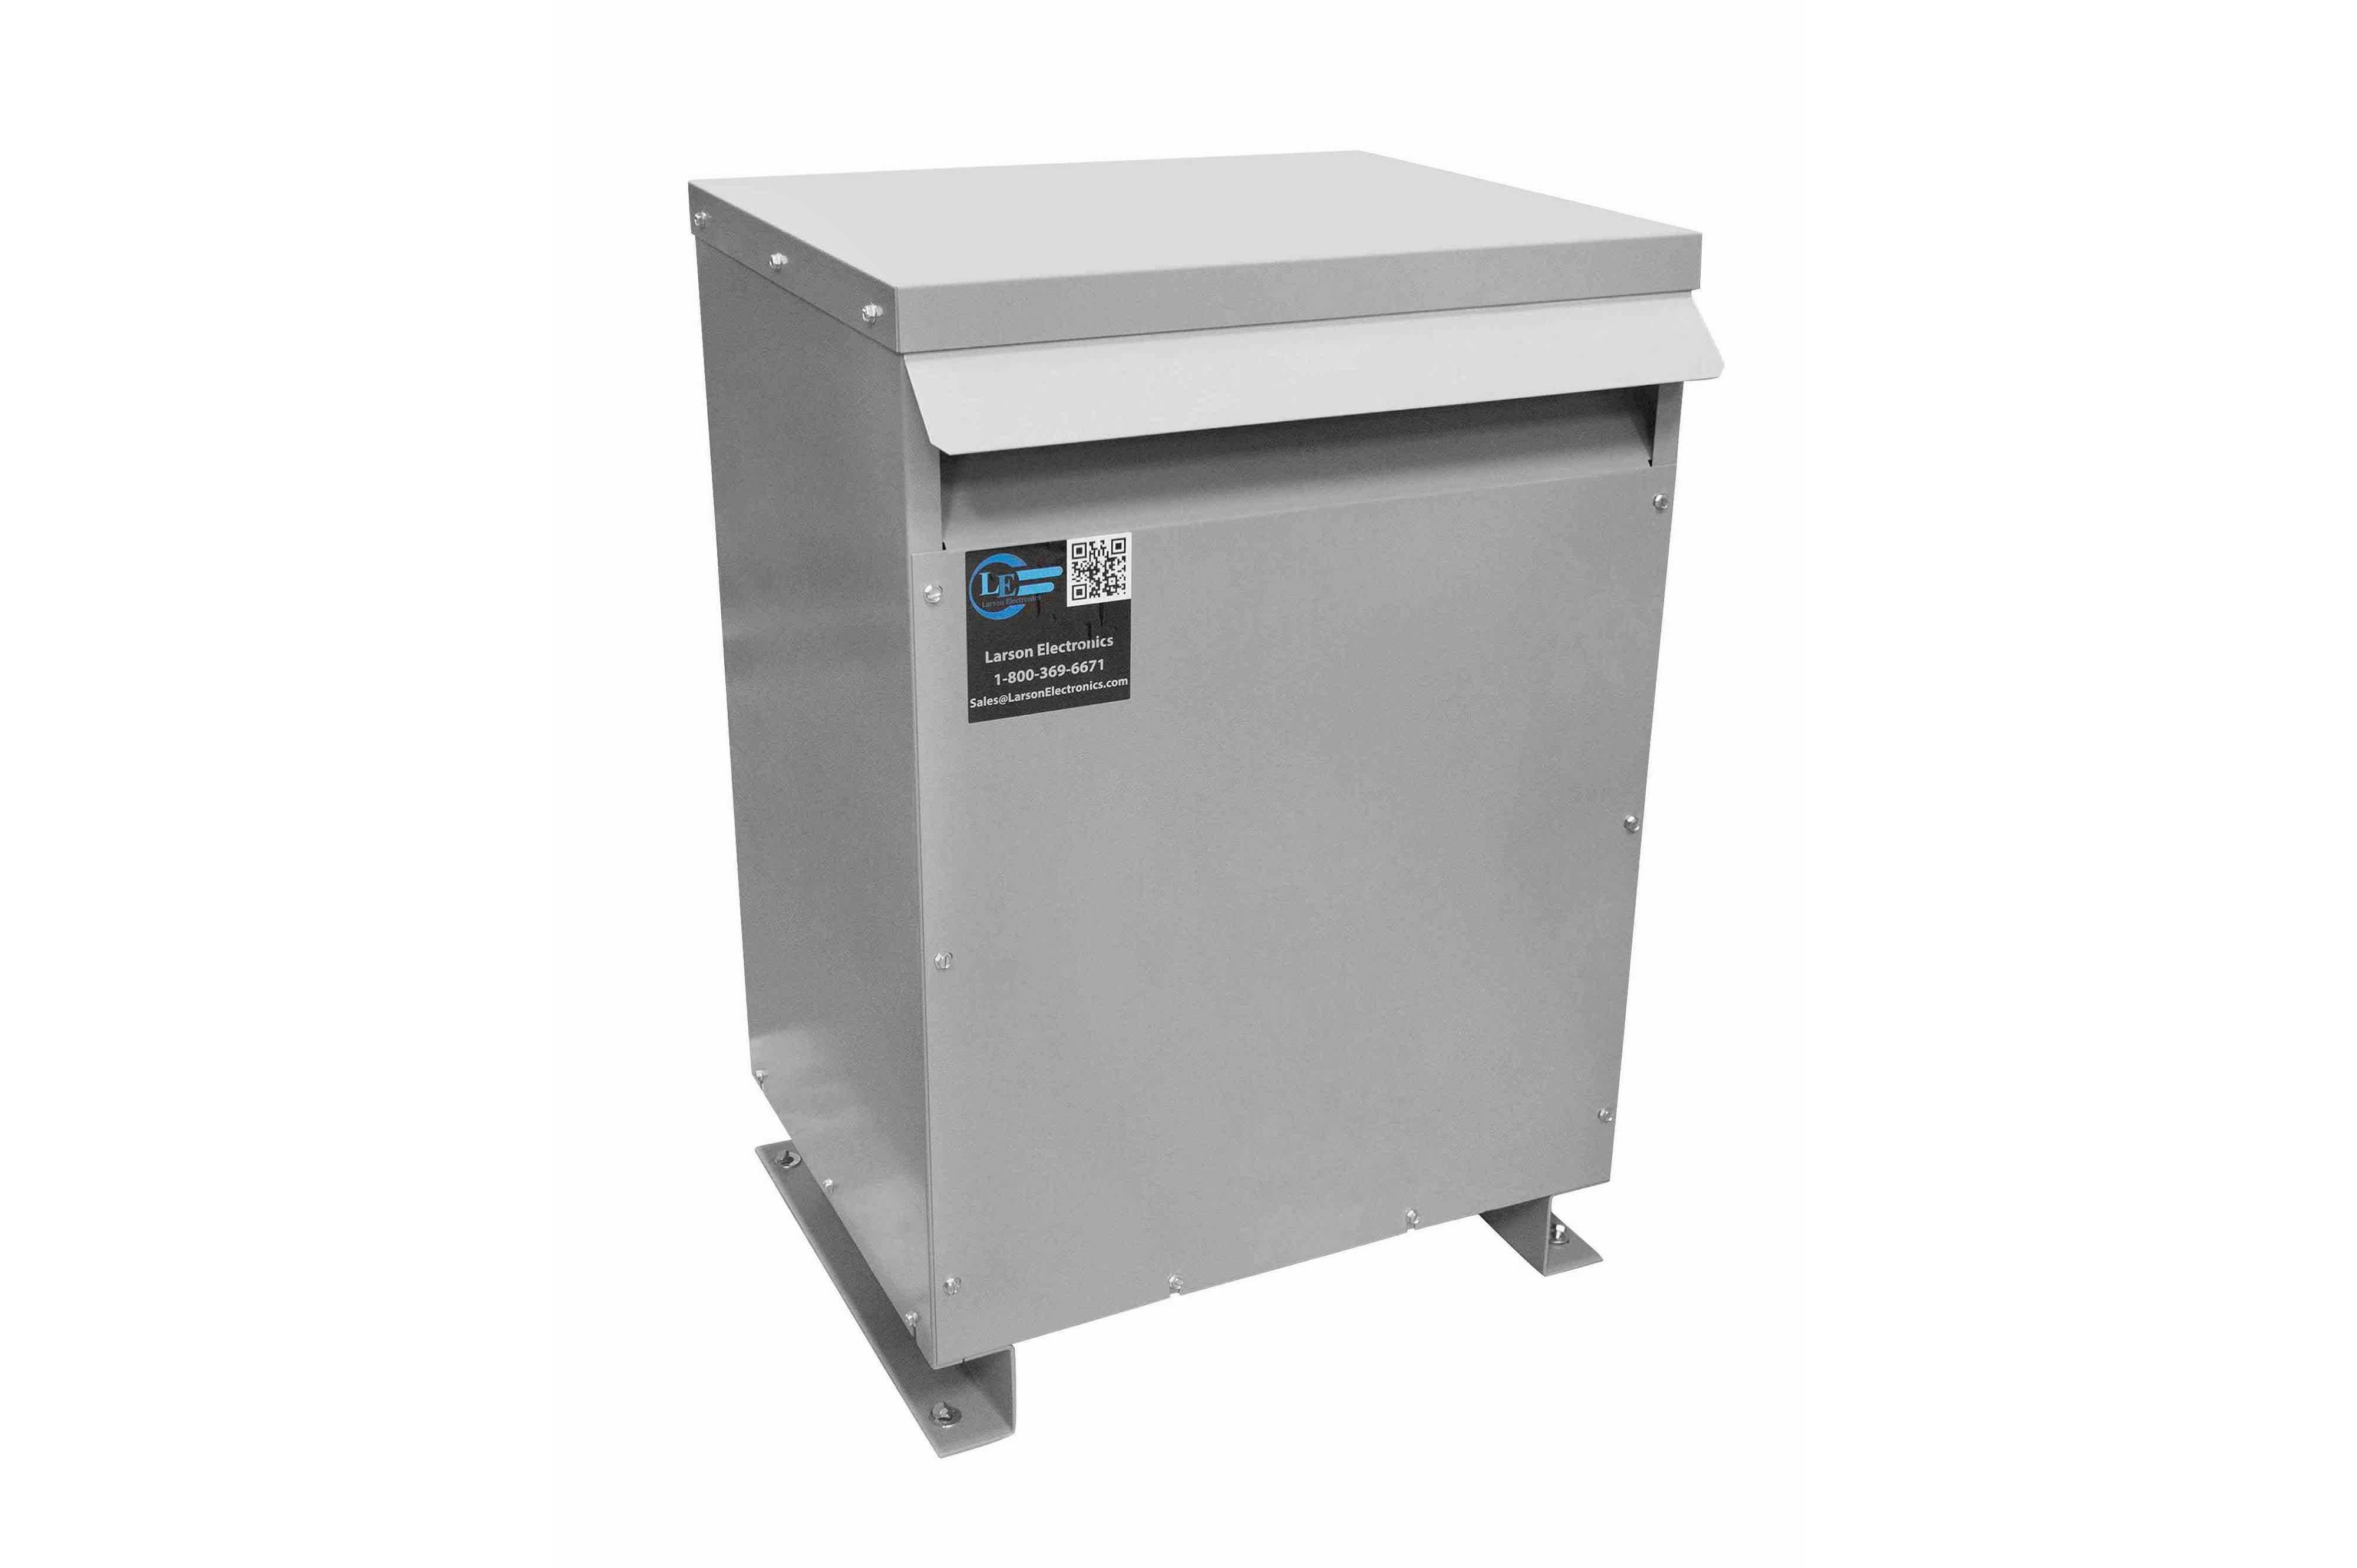 55 kVA 3PH Isolation Transformer, 415V Delta Primary, 600V Delta Secondary, N3R, Ventilated, 60 Hz